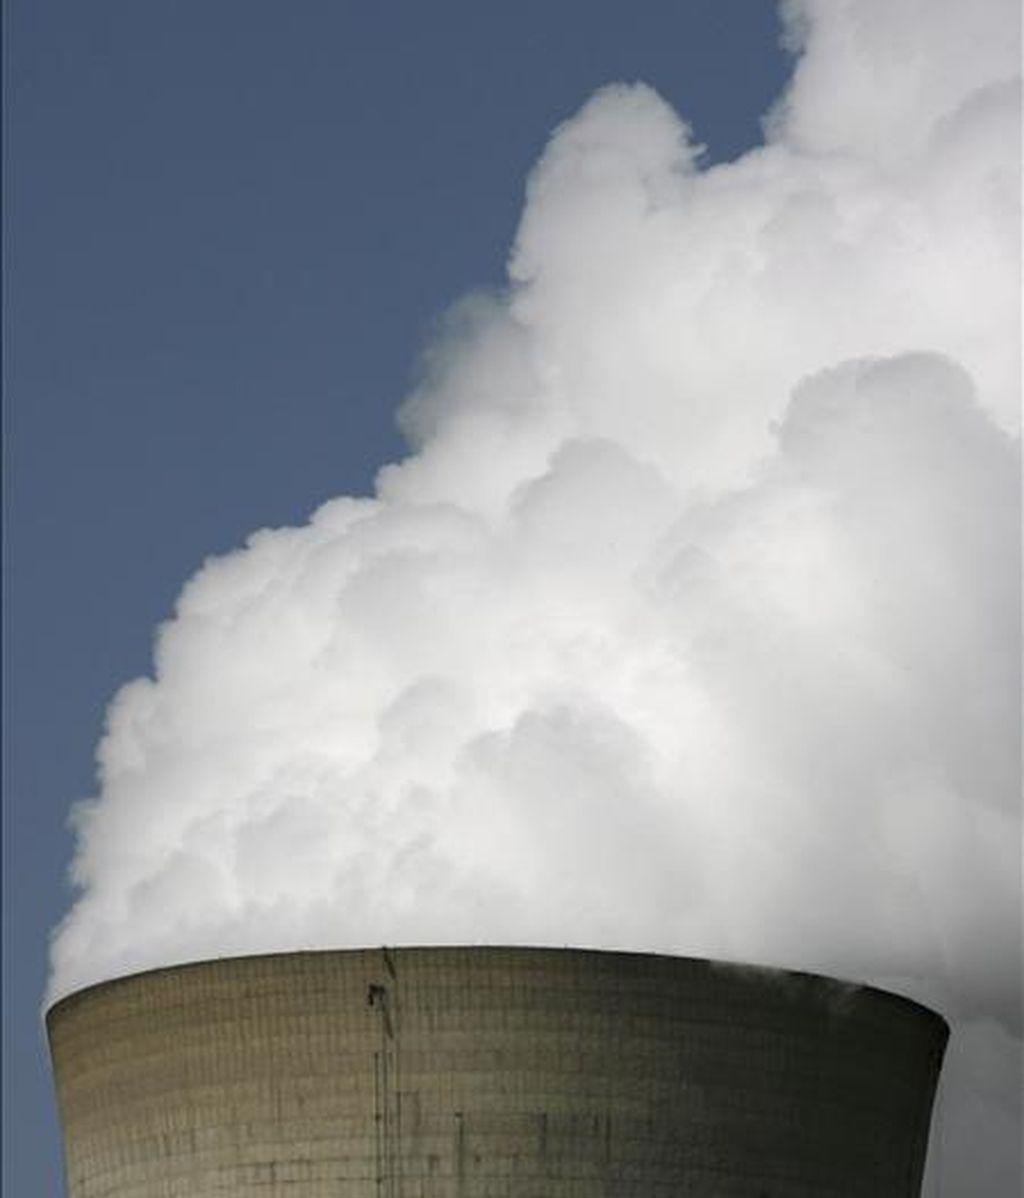 El Colegio de Ingenieros de Caminos de Cataluña ha pedido hoy que se abra un debate serio en la sociedad sobre la energía nuclear y se ha mostrado a favor de no cerrar ahora las centrales nucleares ya que producen el 40,8% de la demanda energética. EFE/Archivo